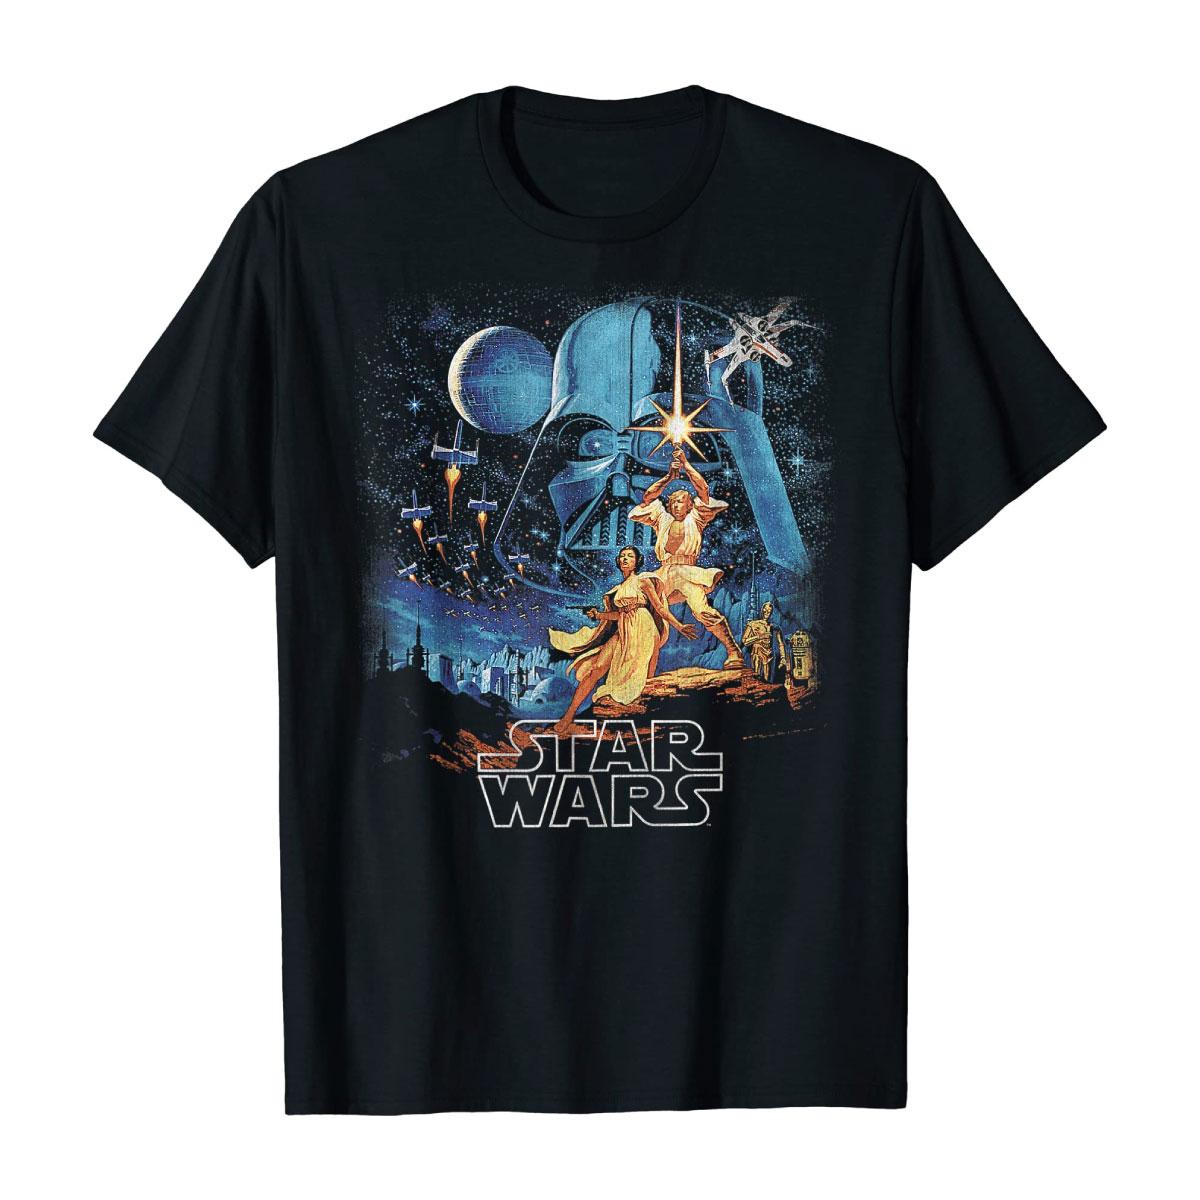 Graphic Tshirt Mens Classic Star Wars Shirt